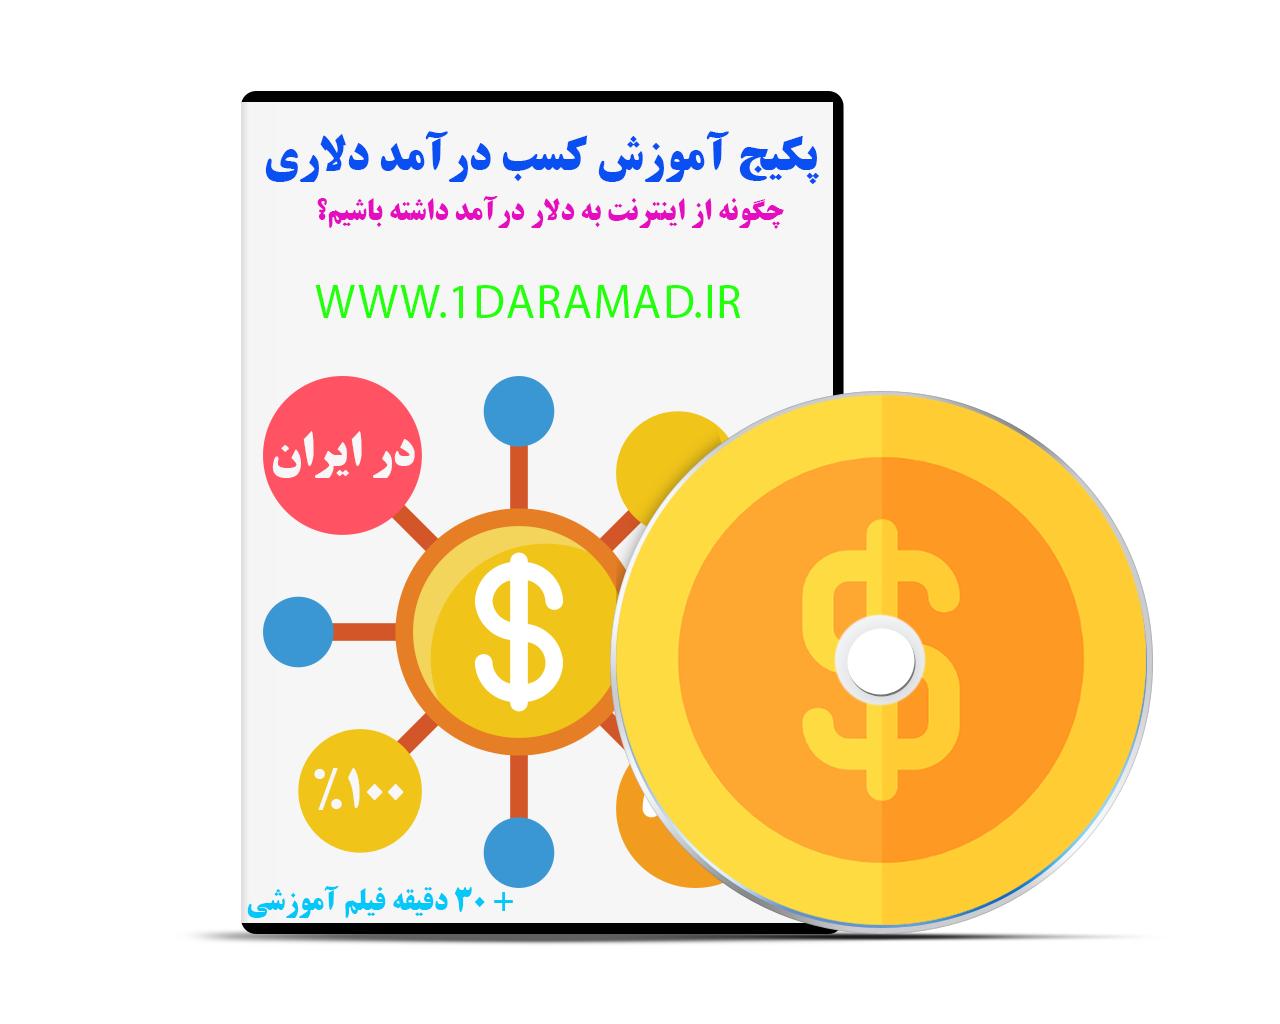 کسب درآمد دلاری از اینترنت